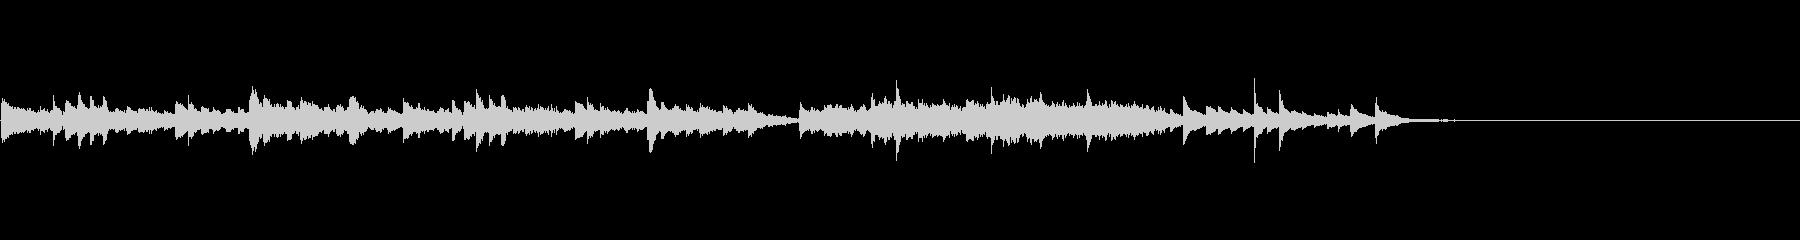 #9 14-04-13 etude2MIXの未再生の波形